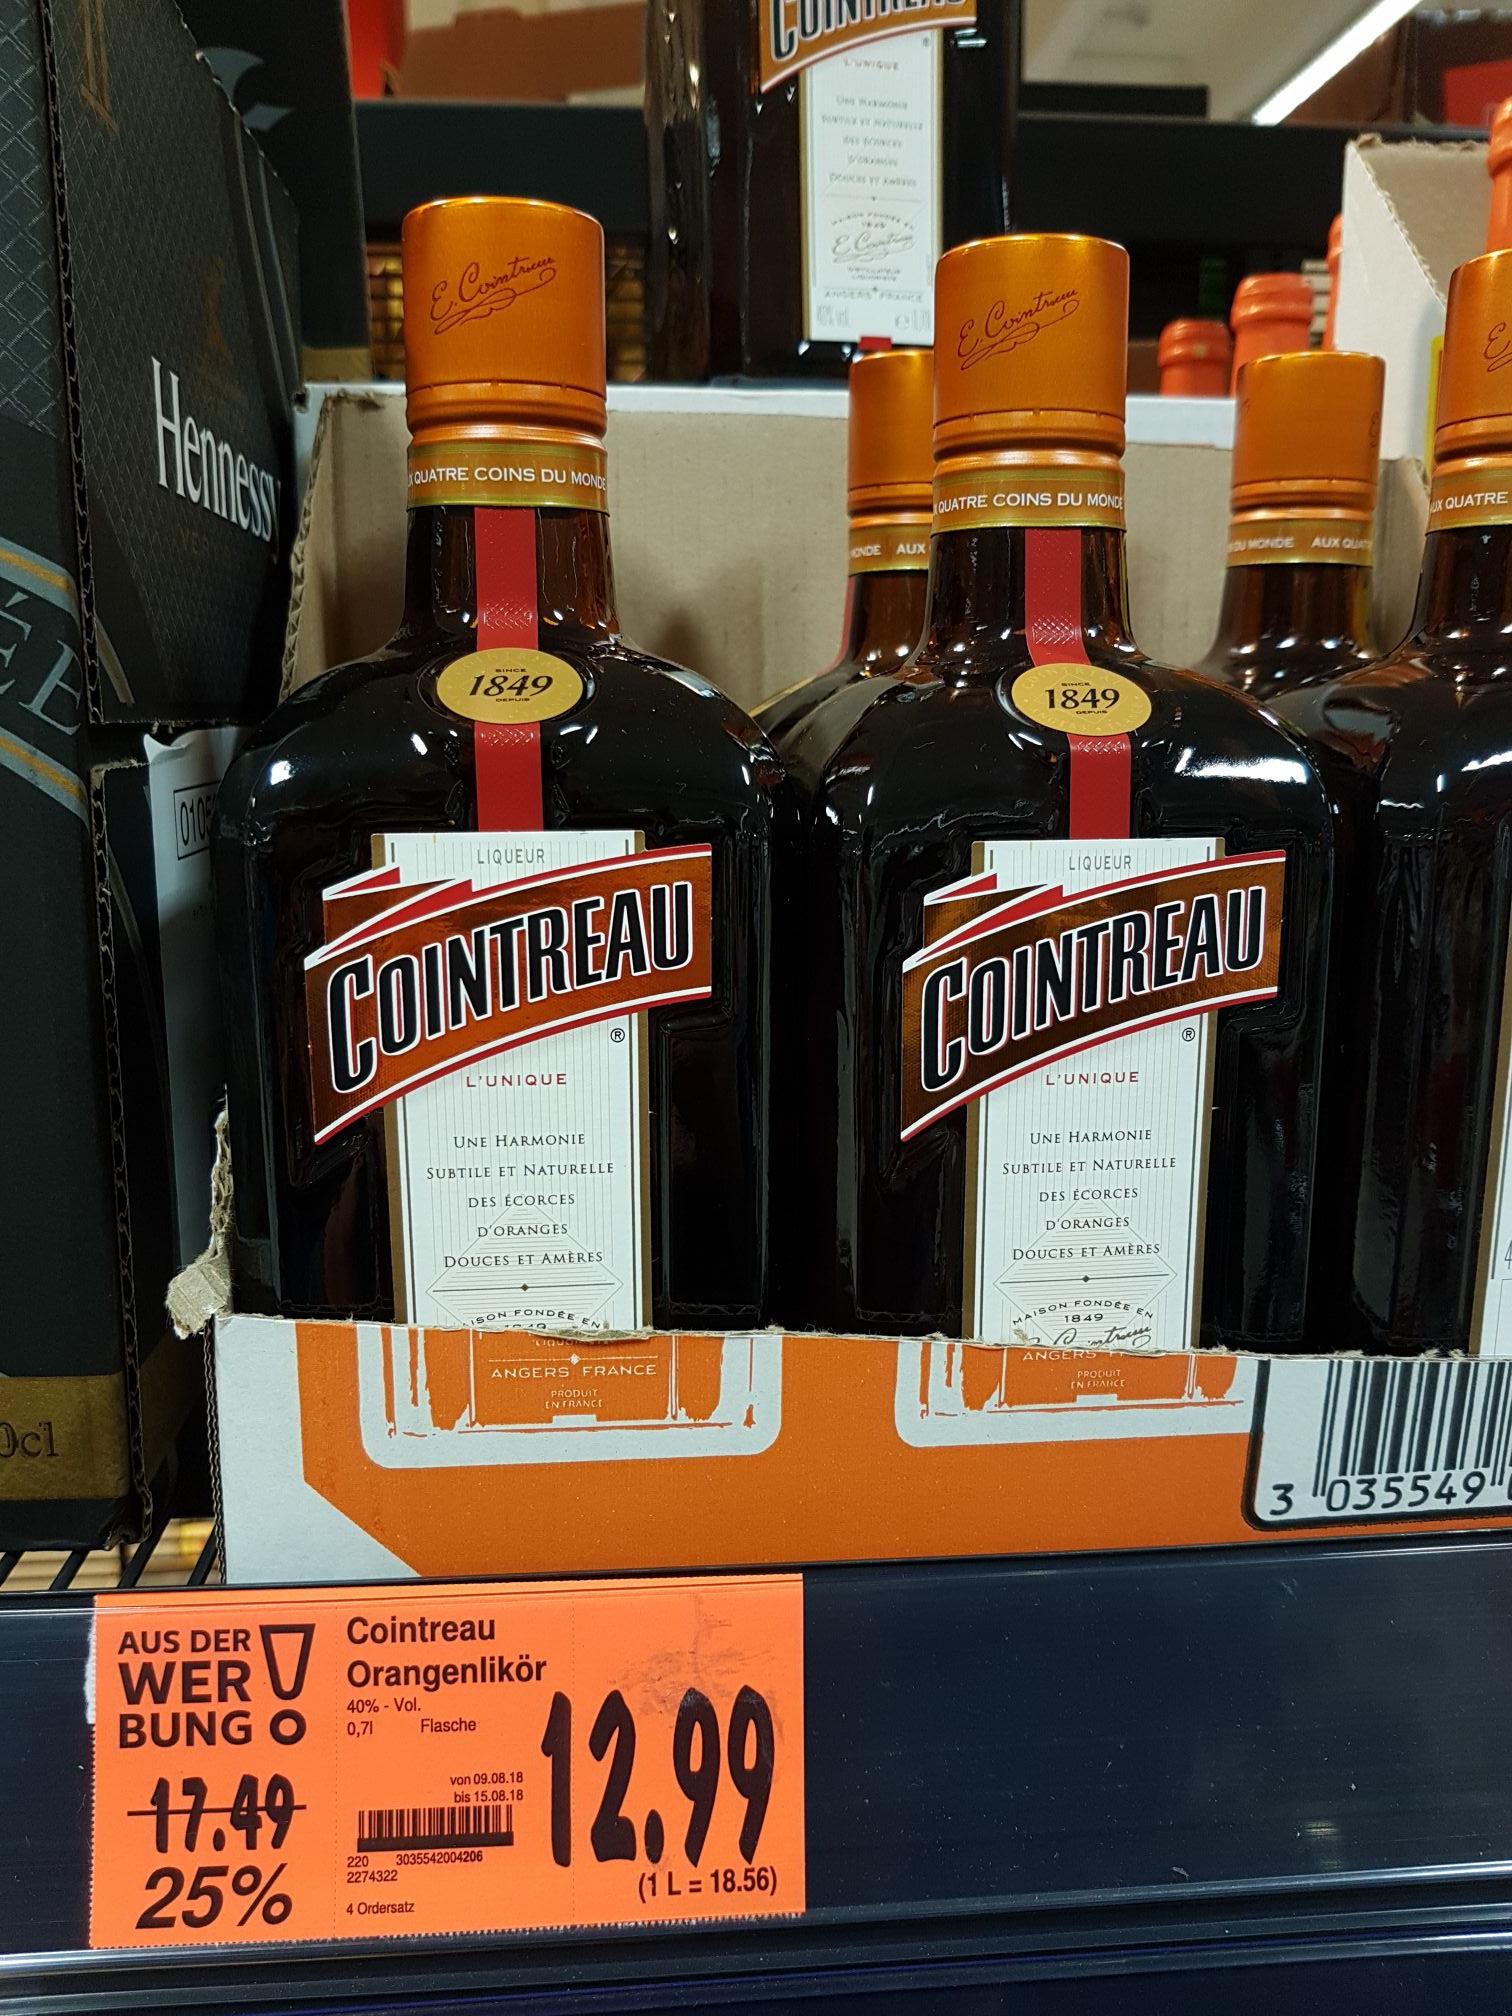 Cointreau Orangenlikör für 12.99 bei Kauflaund (Heide)